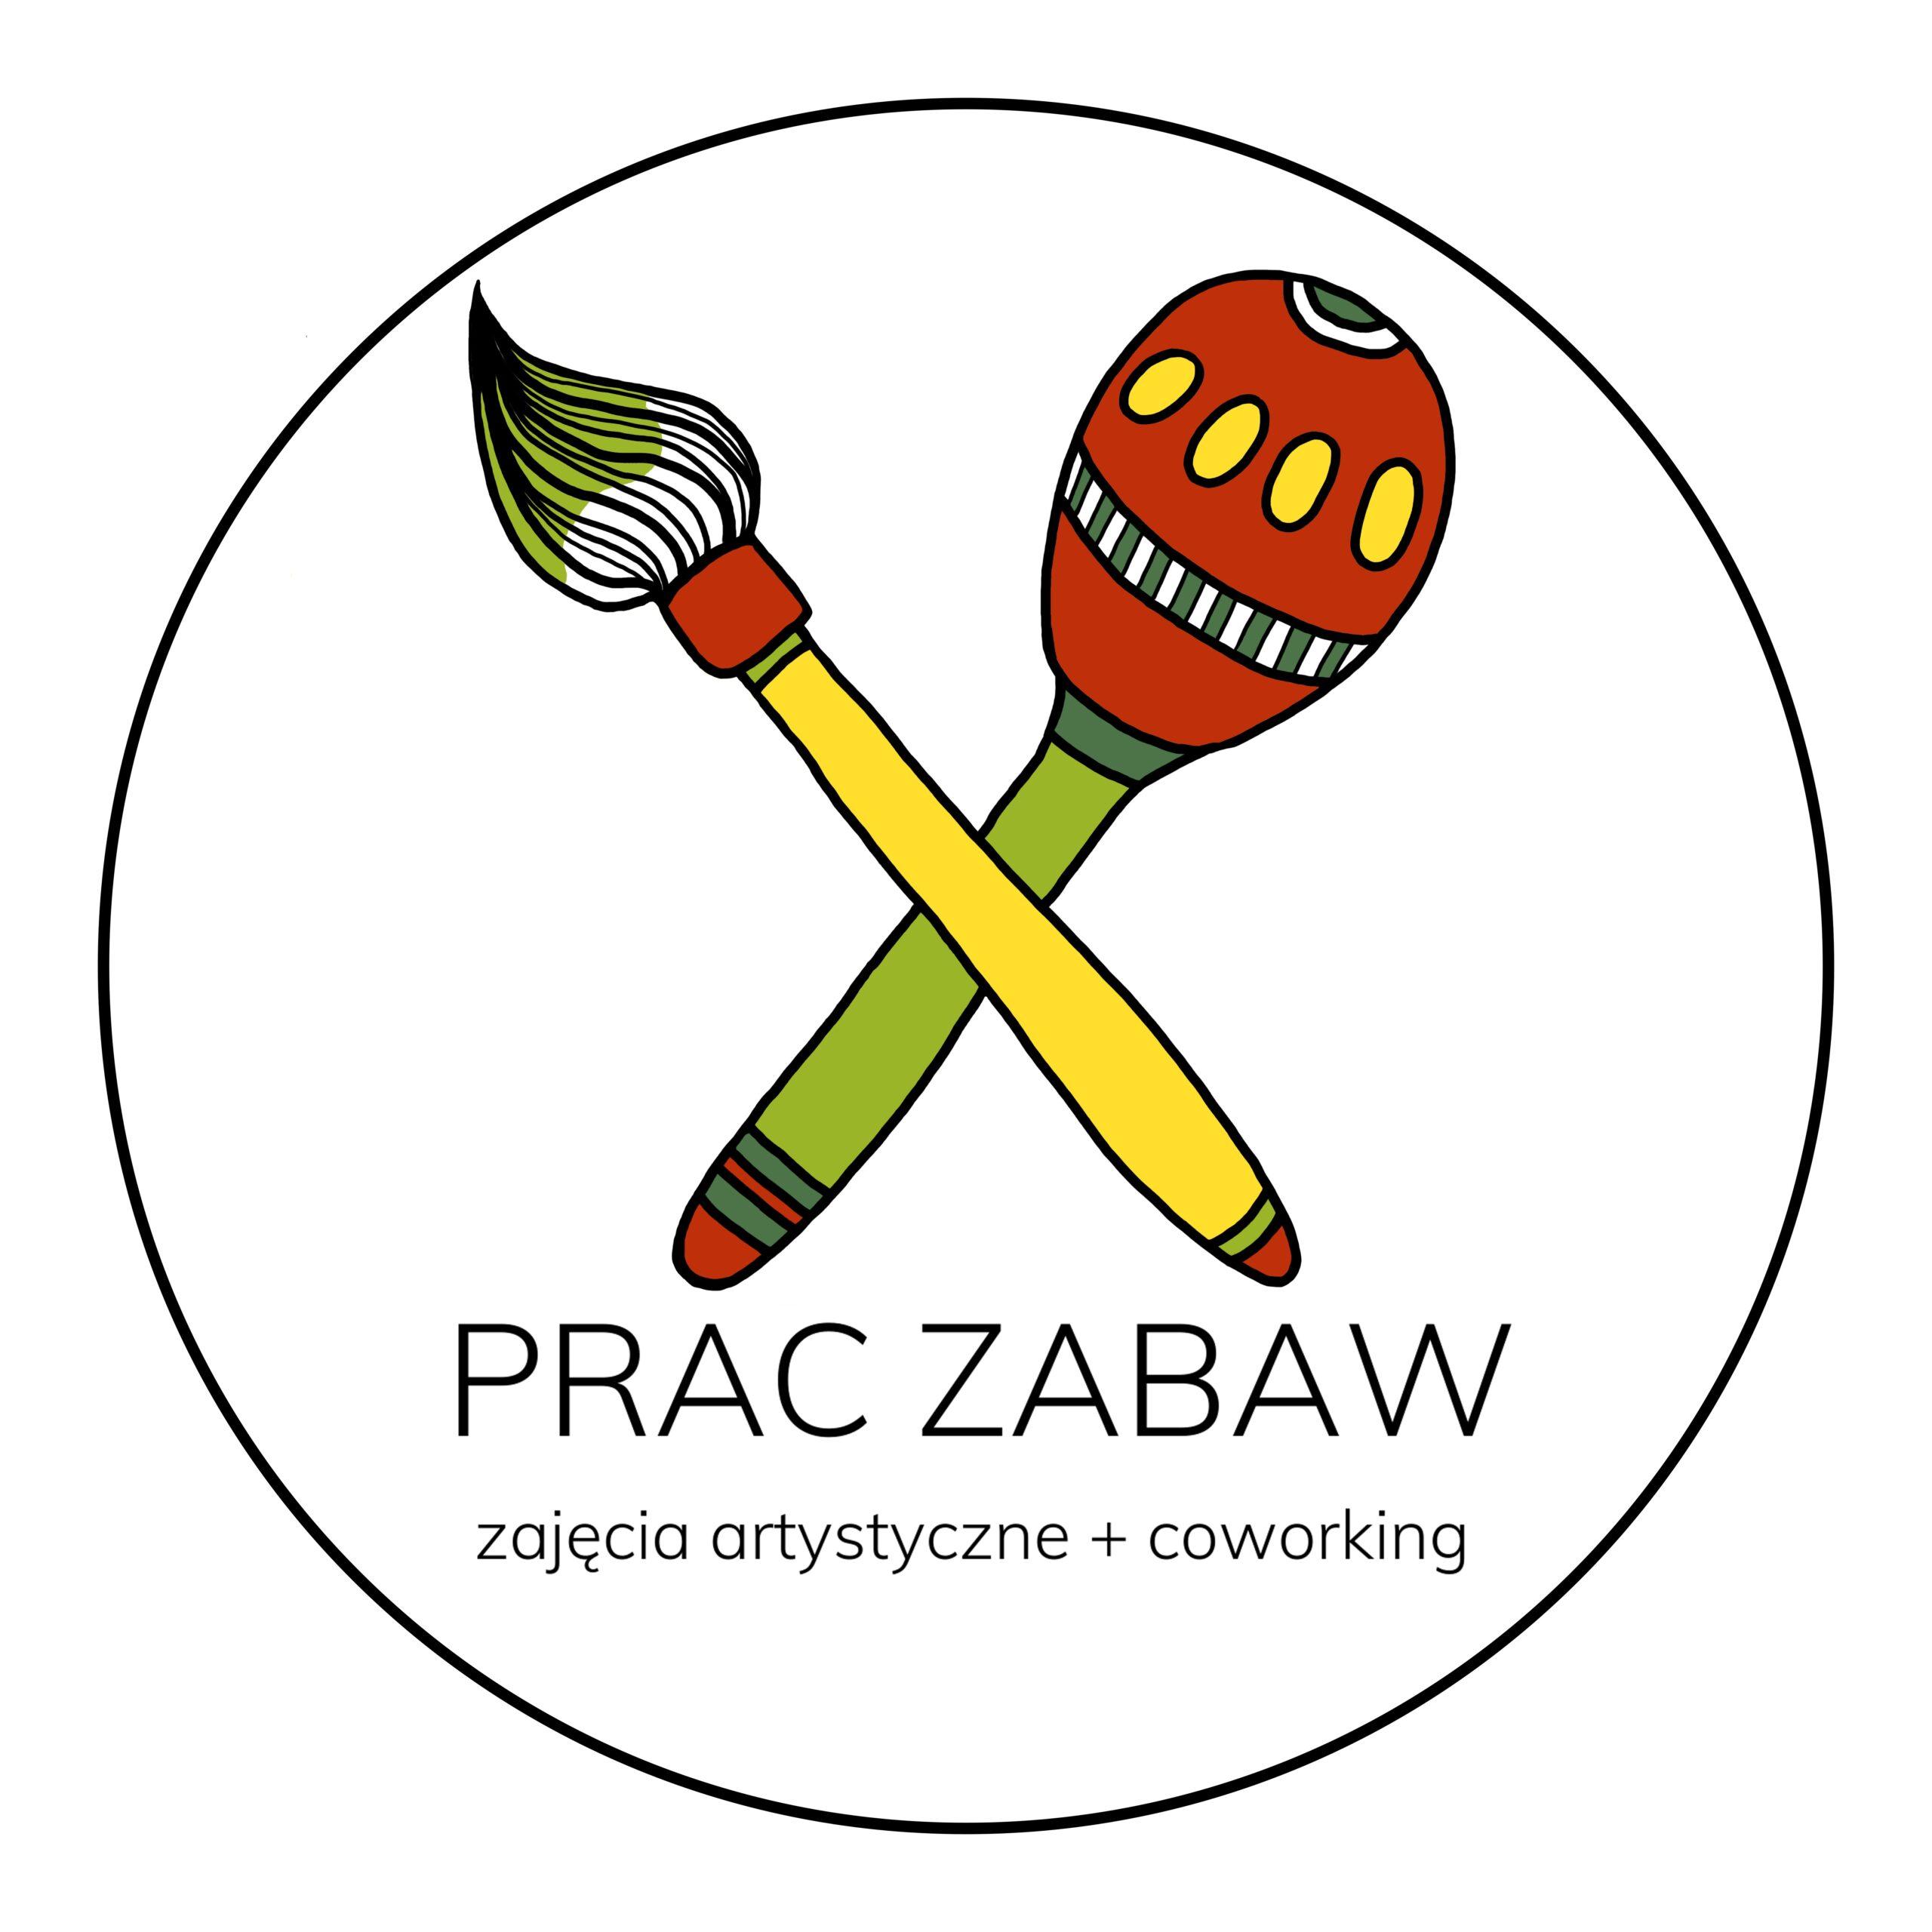 Logo: Prac zabaw